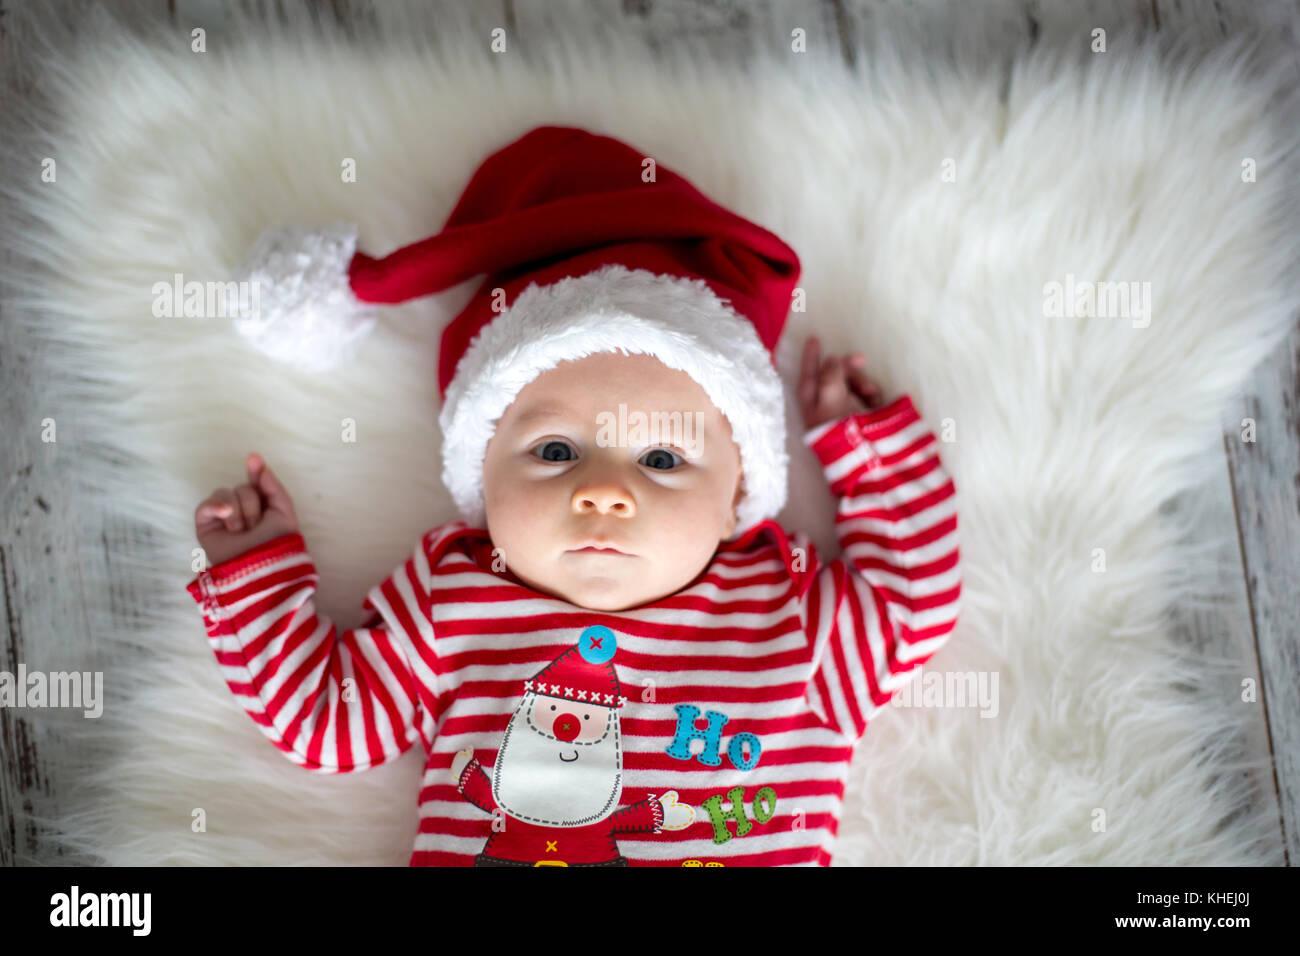 Ritratto di natale di carino piccolo neonato bambino vestito in abiti di  natale e indossando santa hat 82fa4e9656aa